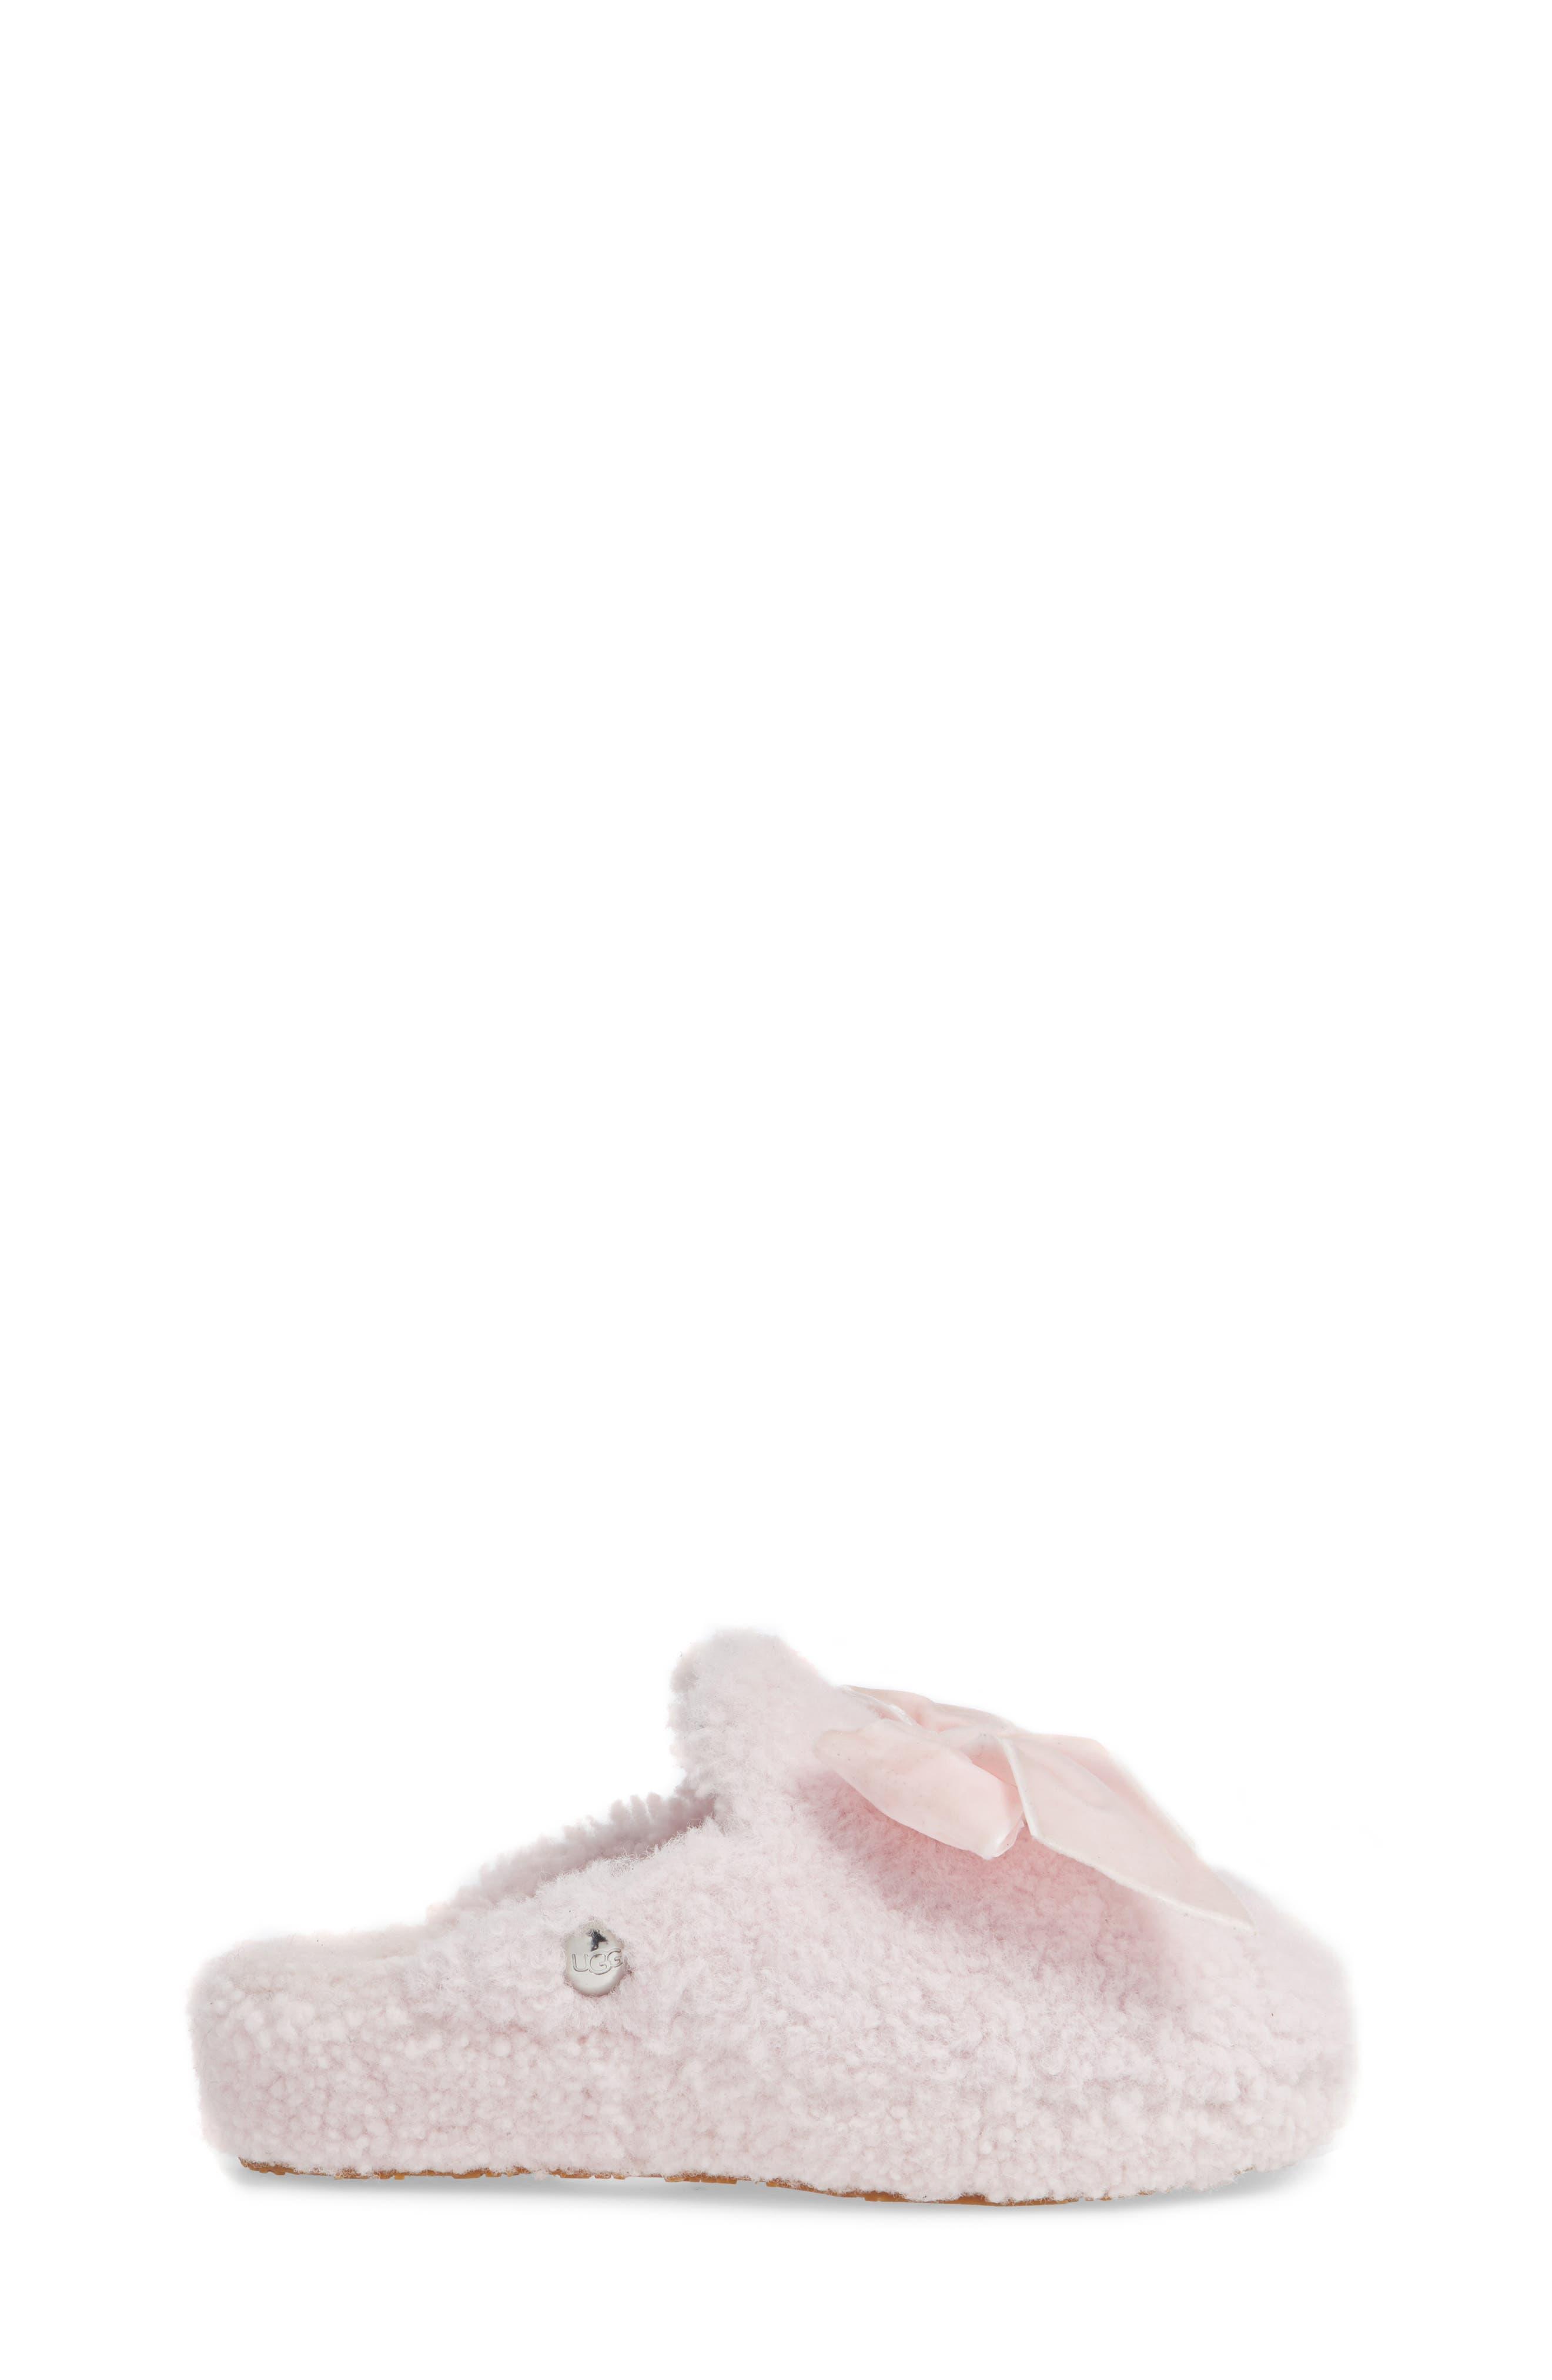 Addison Velvet Bow Genuine Shearling Slipper,                             Alternate thumbnail 3, color,                             SEASHELL PINK